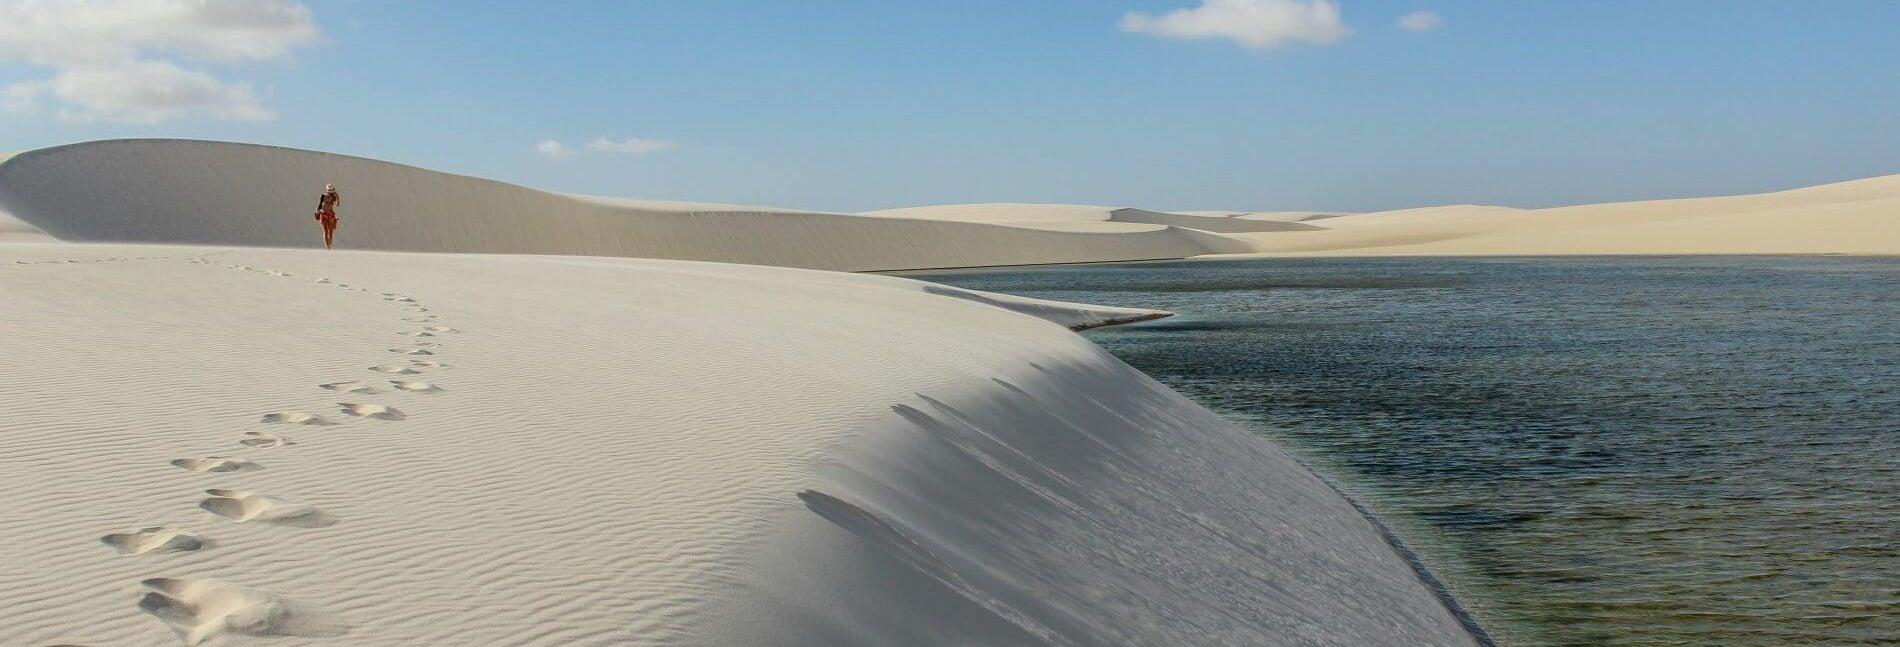 Itinerario di trekking privato di 2 giorni da Barreirinhas ad Atins